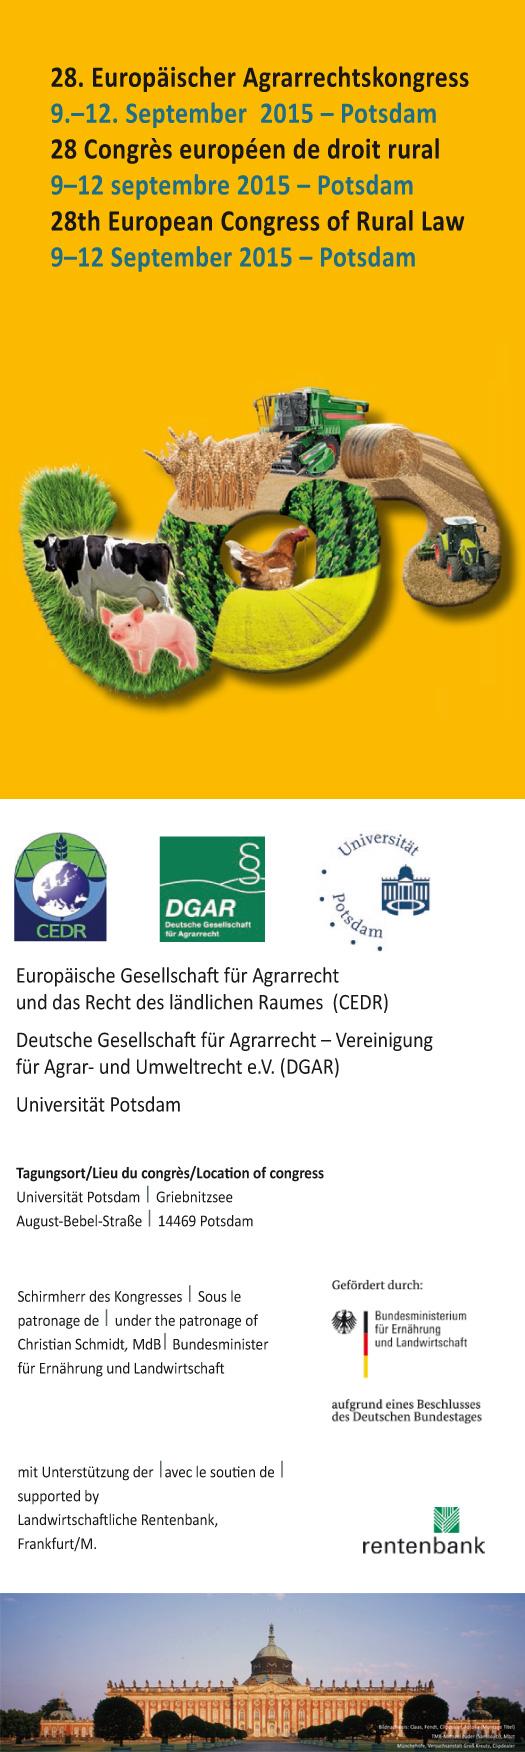 Agrarrechtskongress